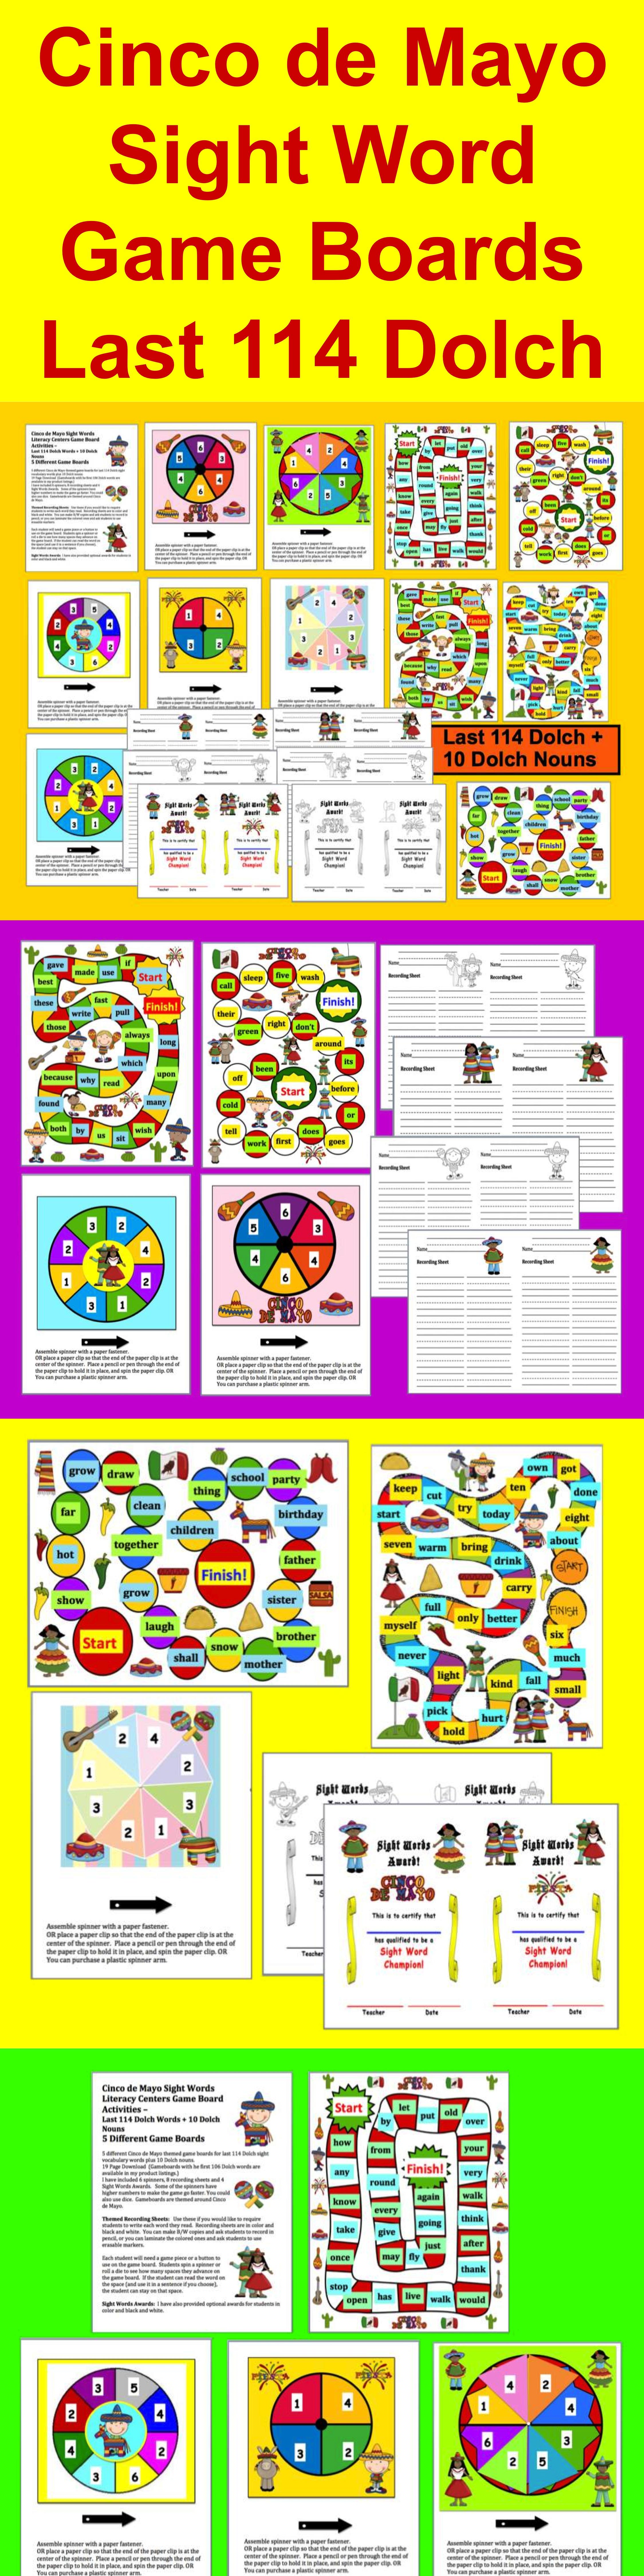 Cinco De Mayo Activities Sight Word Game Boards Last 114